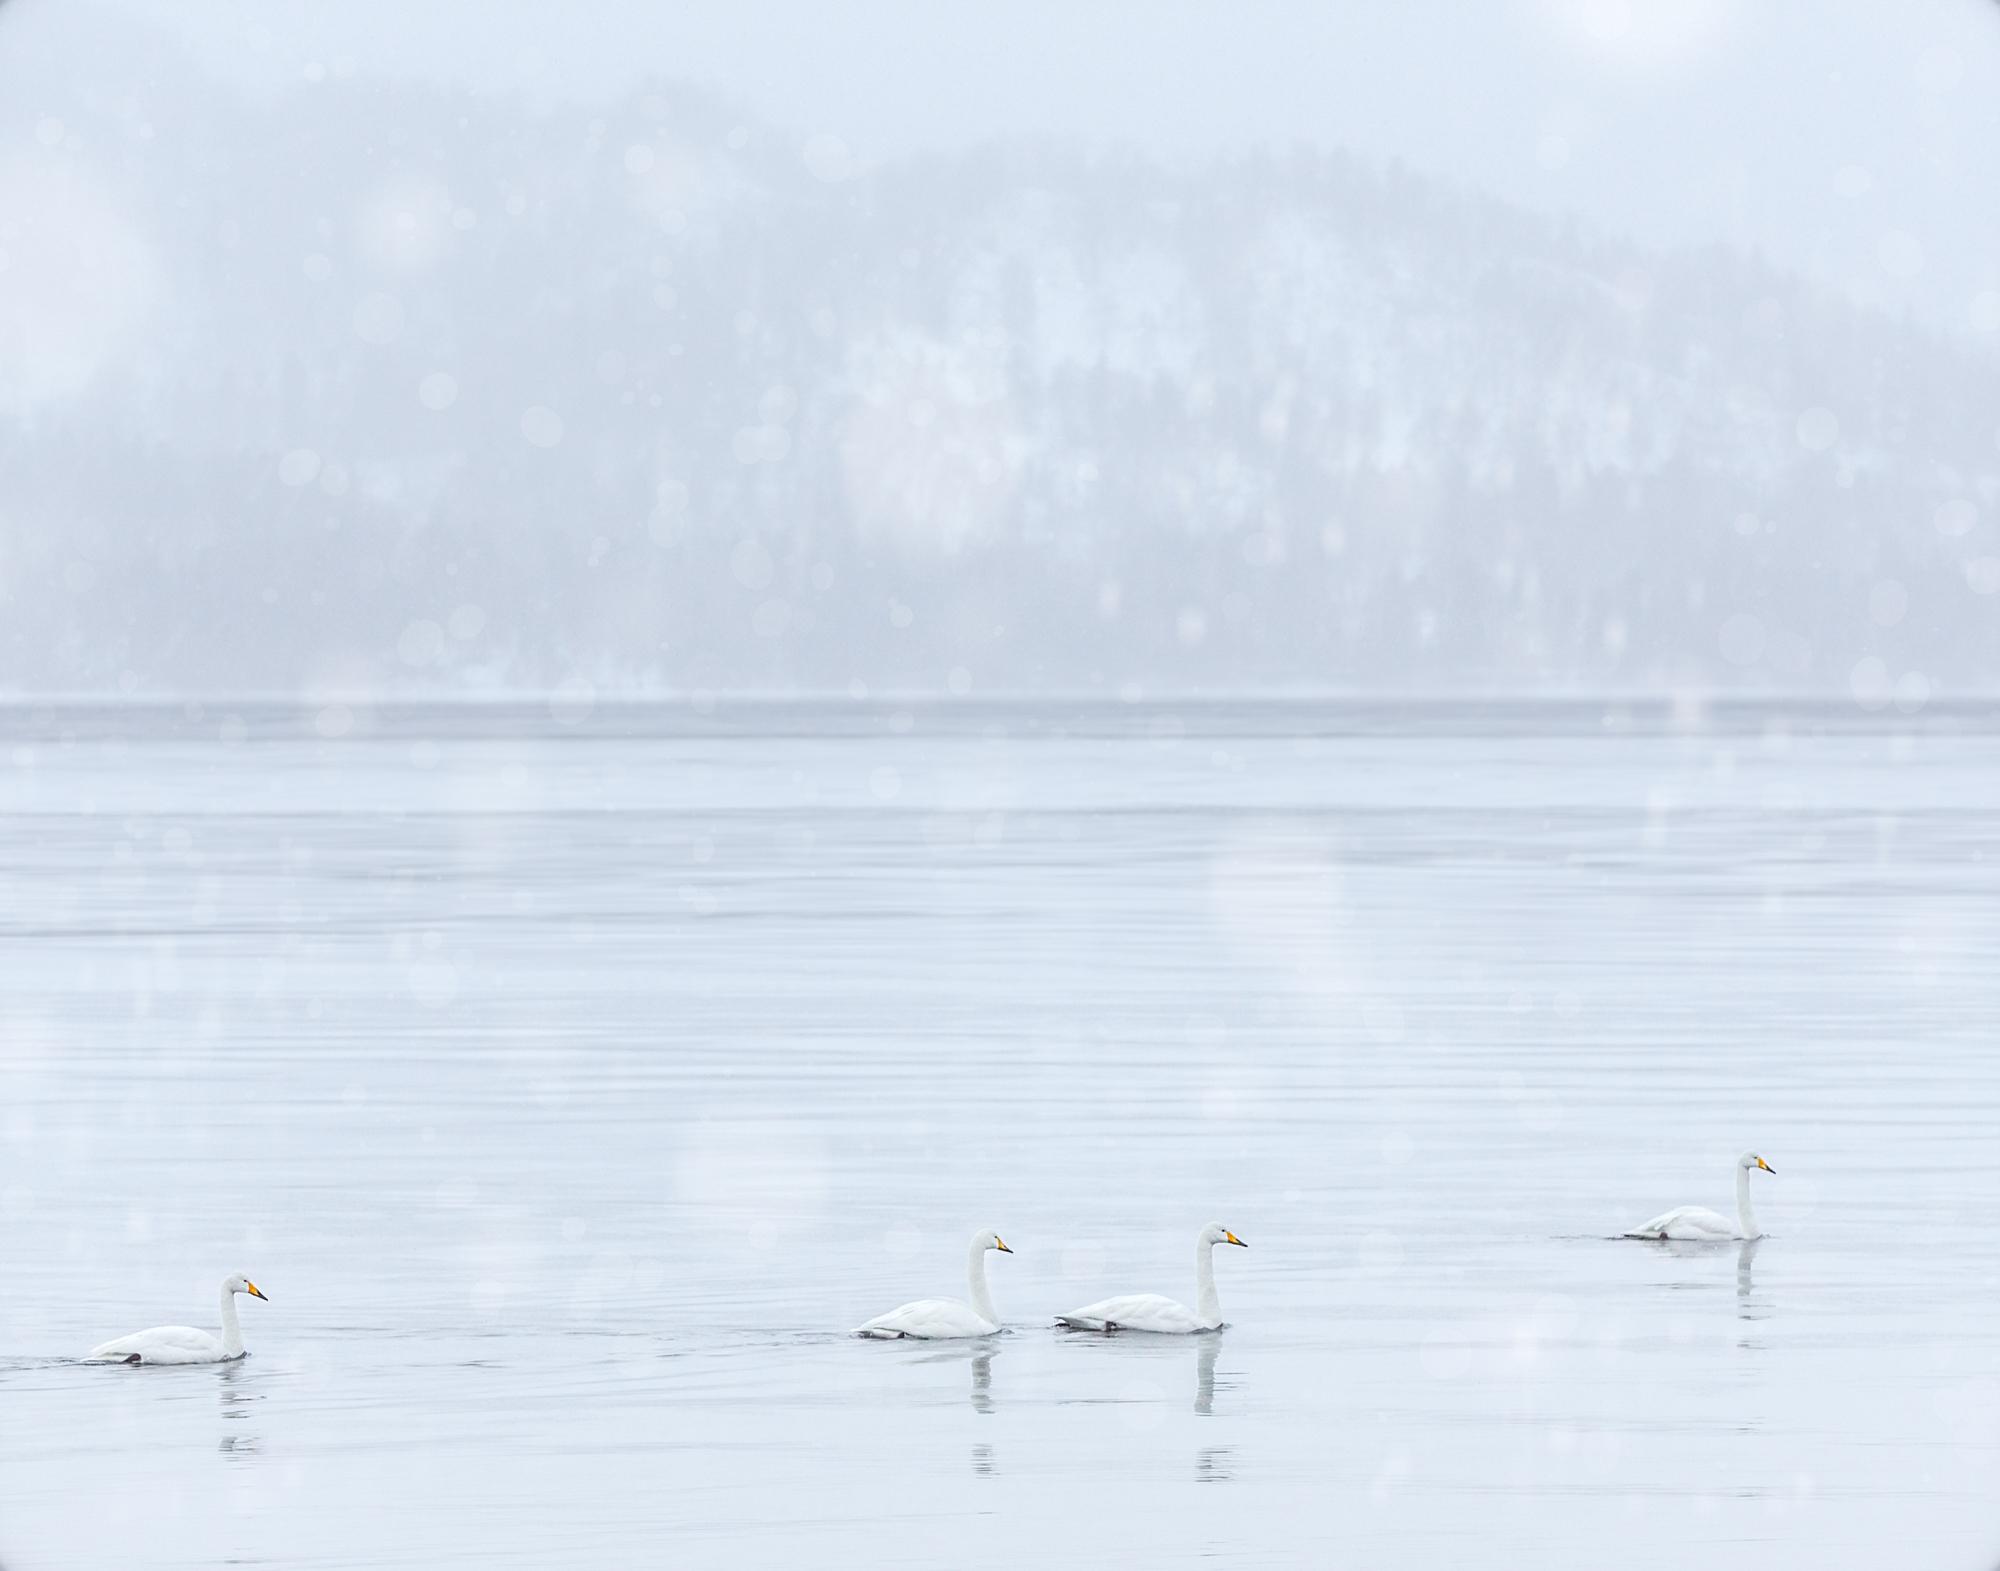 9. Lake Kusharro, Hokkaido, Japan